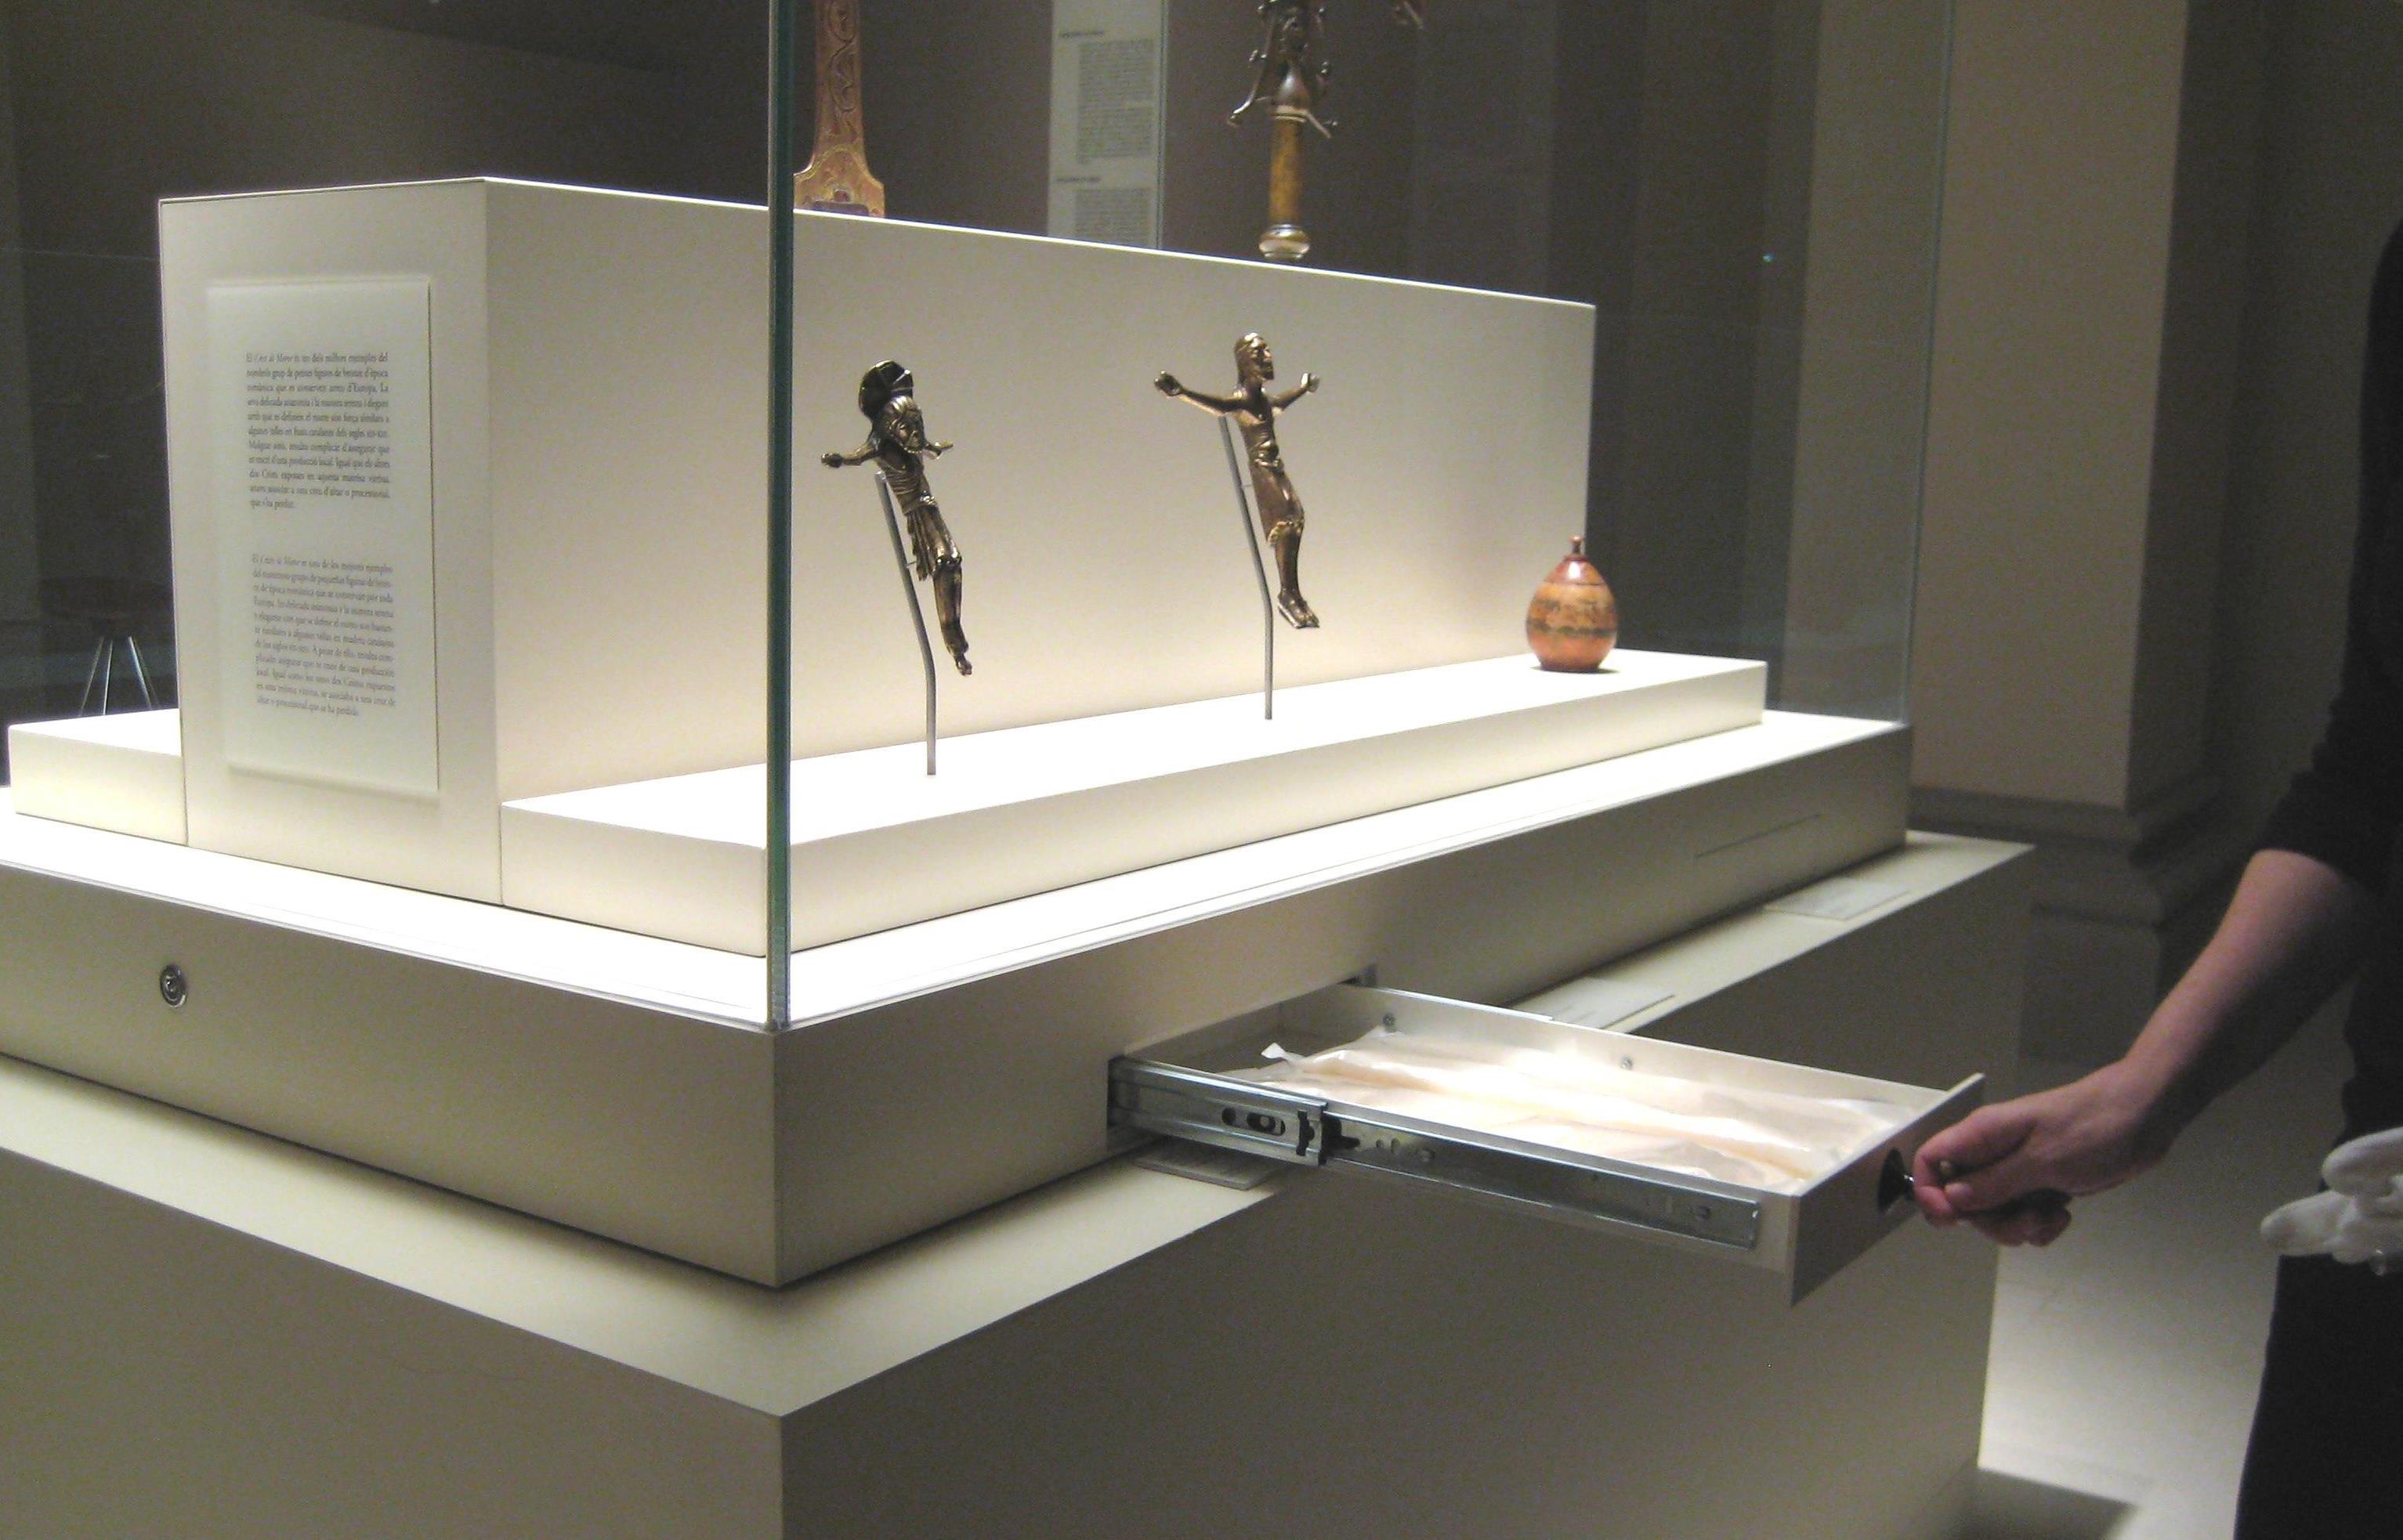 Sustitución del producto para el control pasivo de las vitrinas en el museo